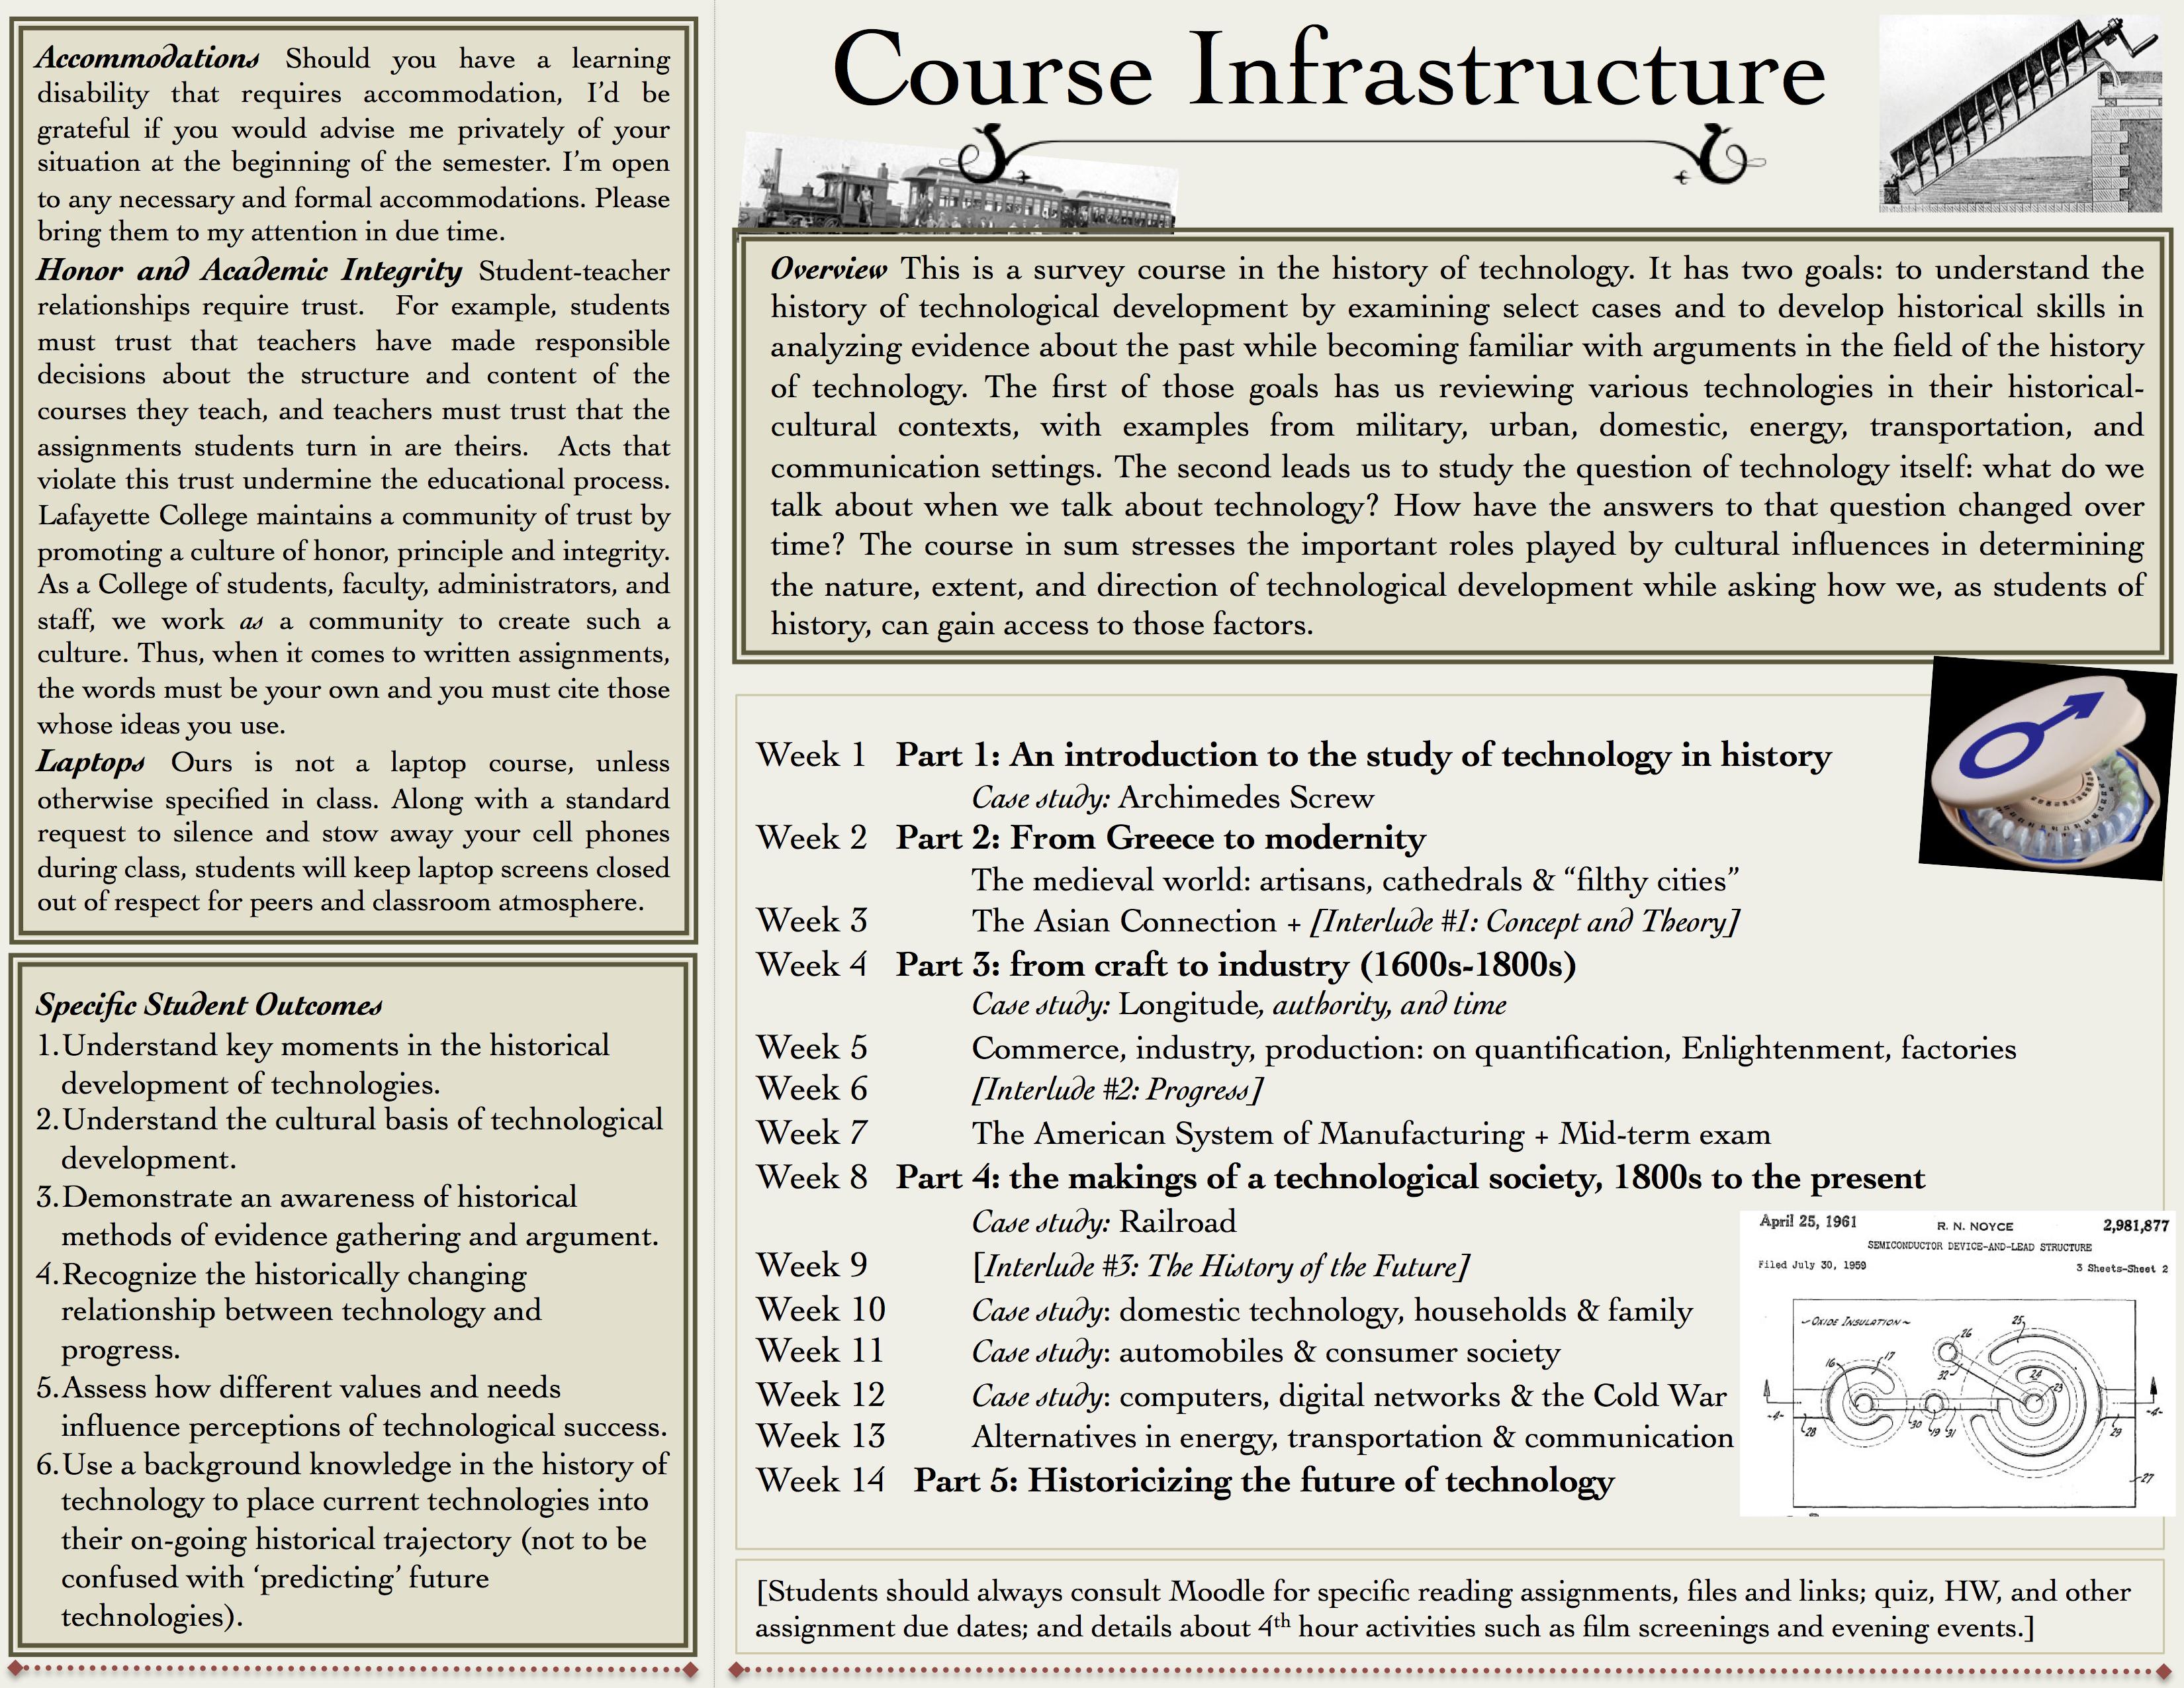 HIST 215 SP16 Course Overview p2